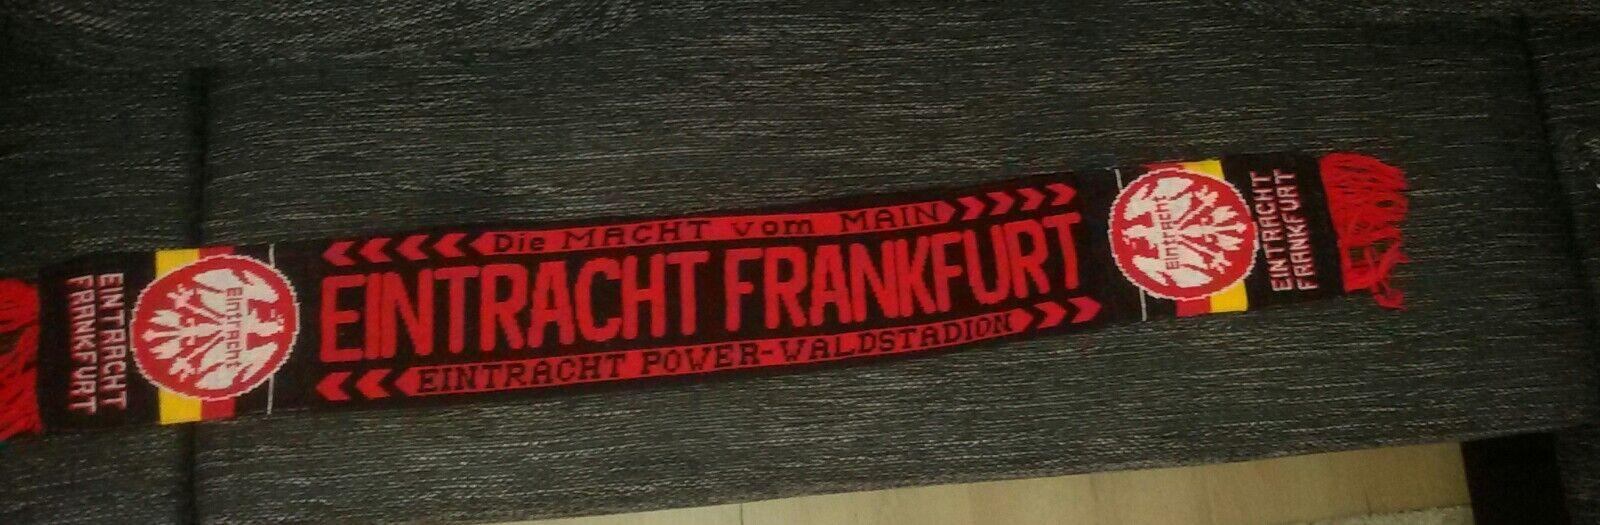 Fan Schal EINTRACHT FRANKFURT schwarz rot GoldEintracht Power-Waldstadion140cm    Grüne, neue Technologie